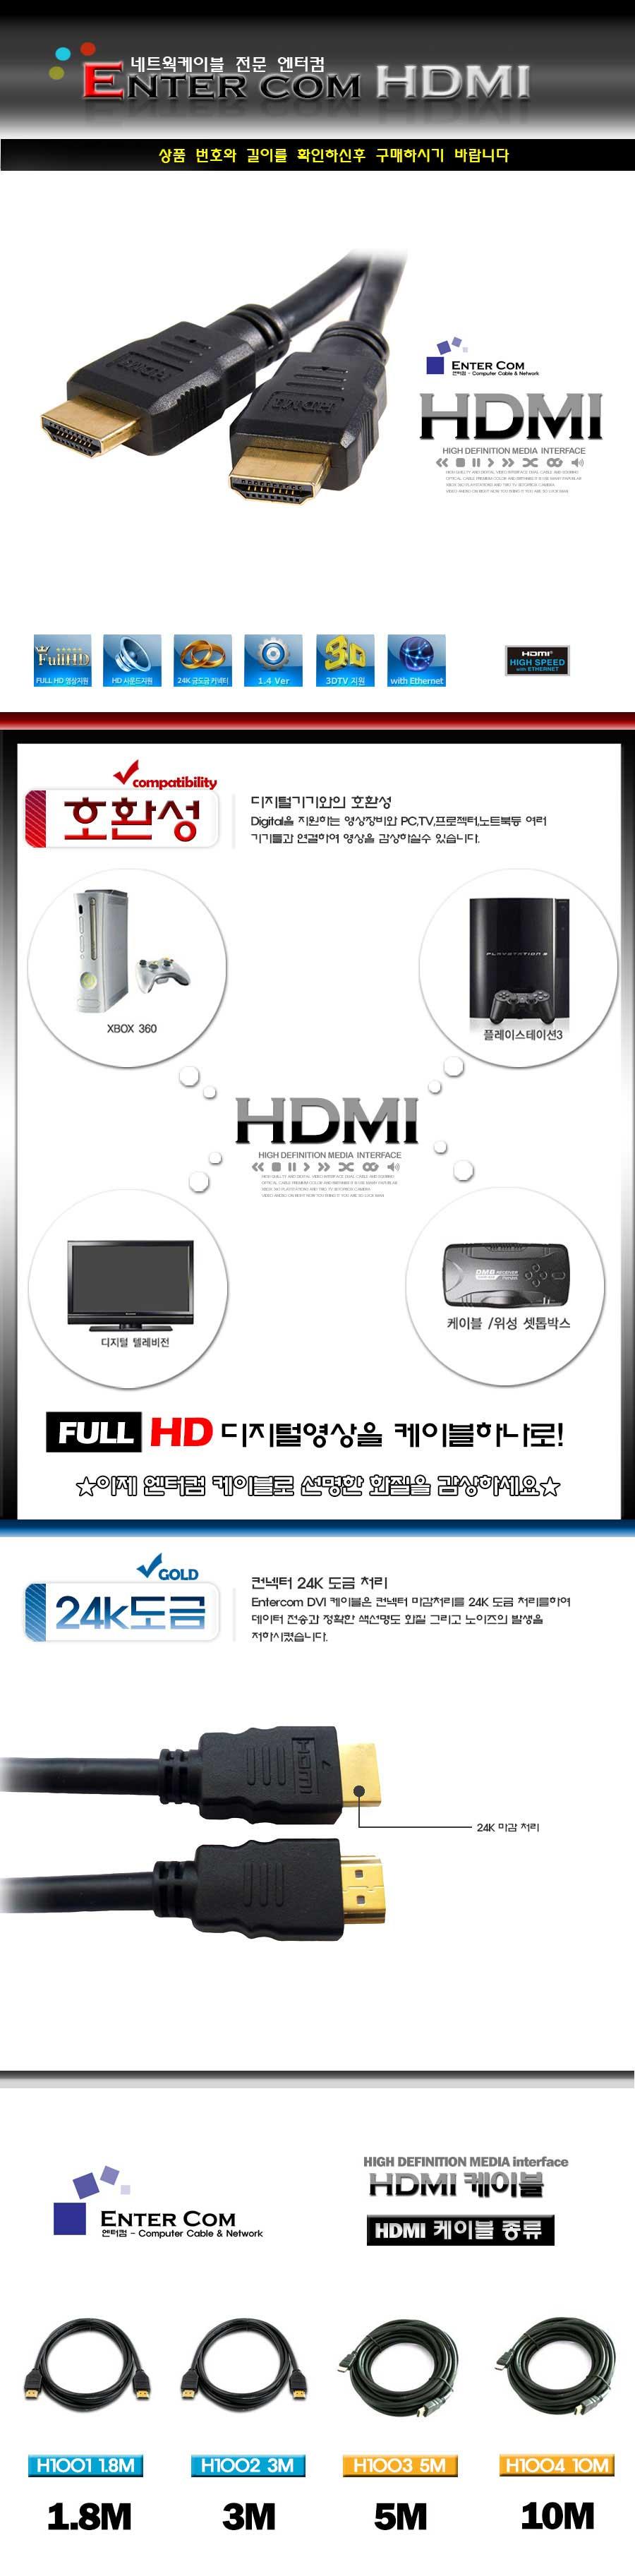 엔터컴 HDMI Ver 2.0 일반형 케이블 (5m)